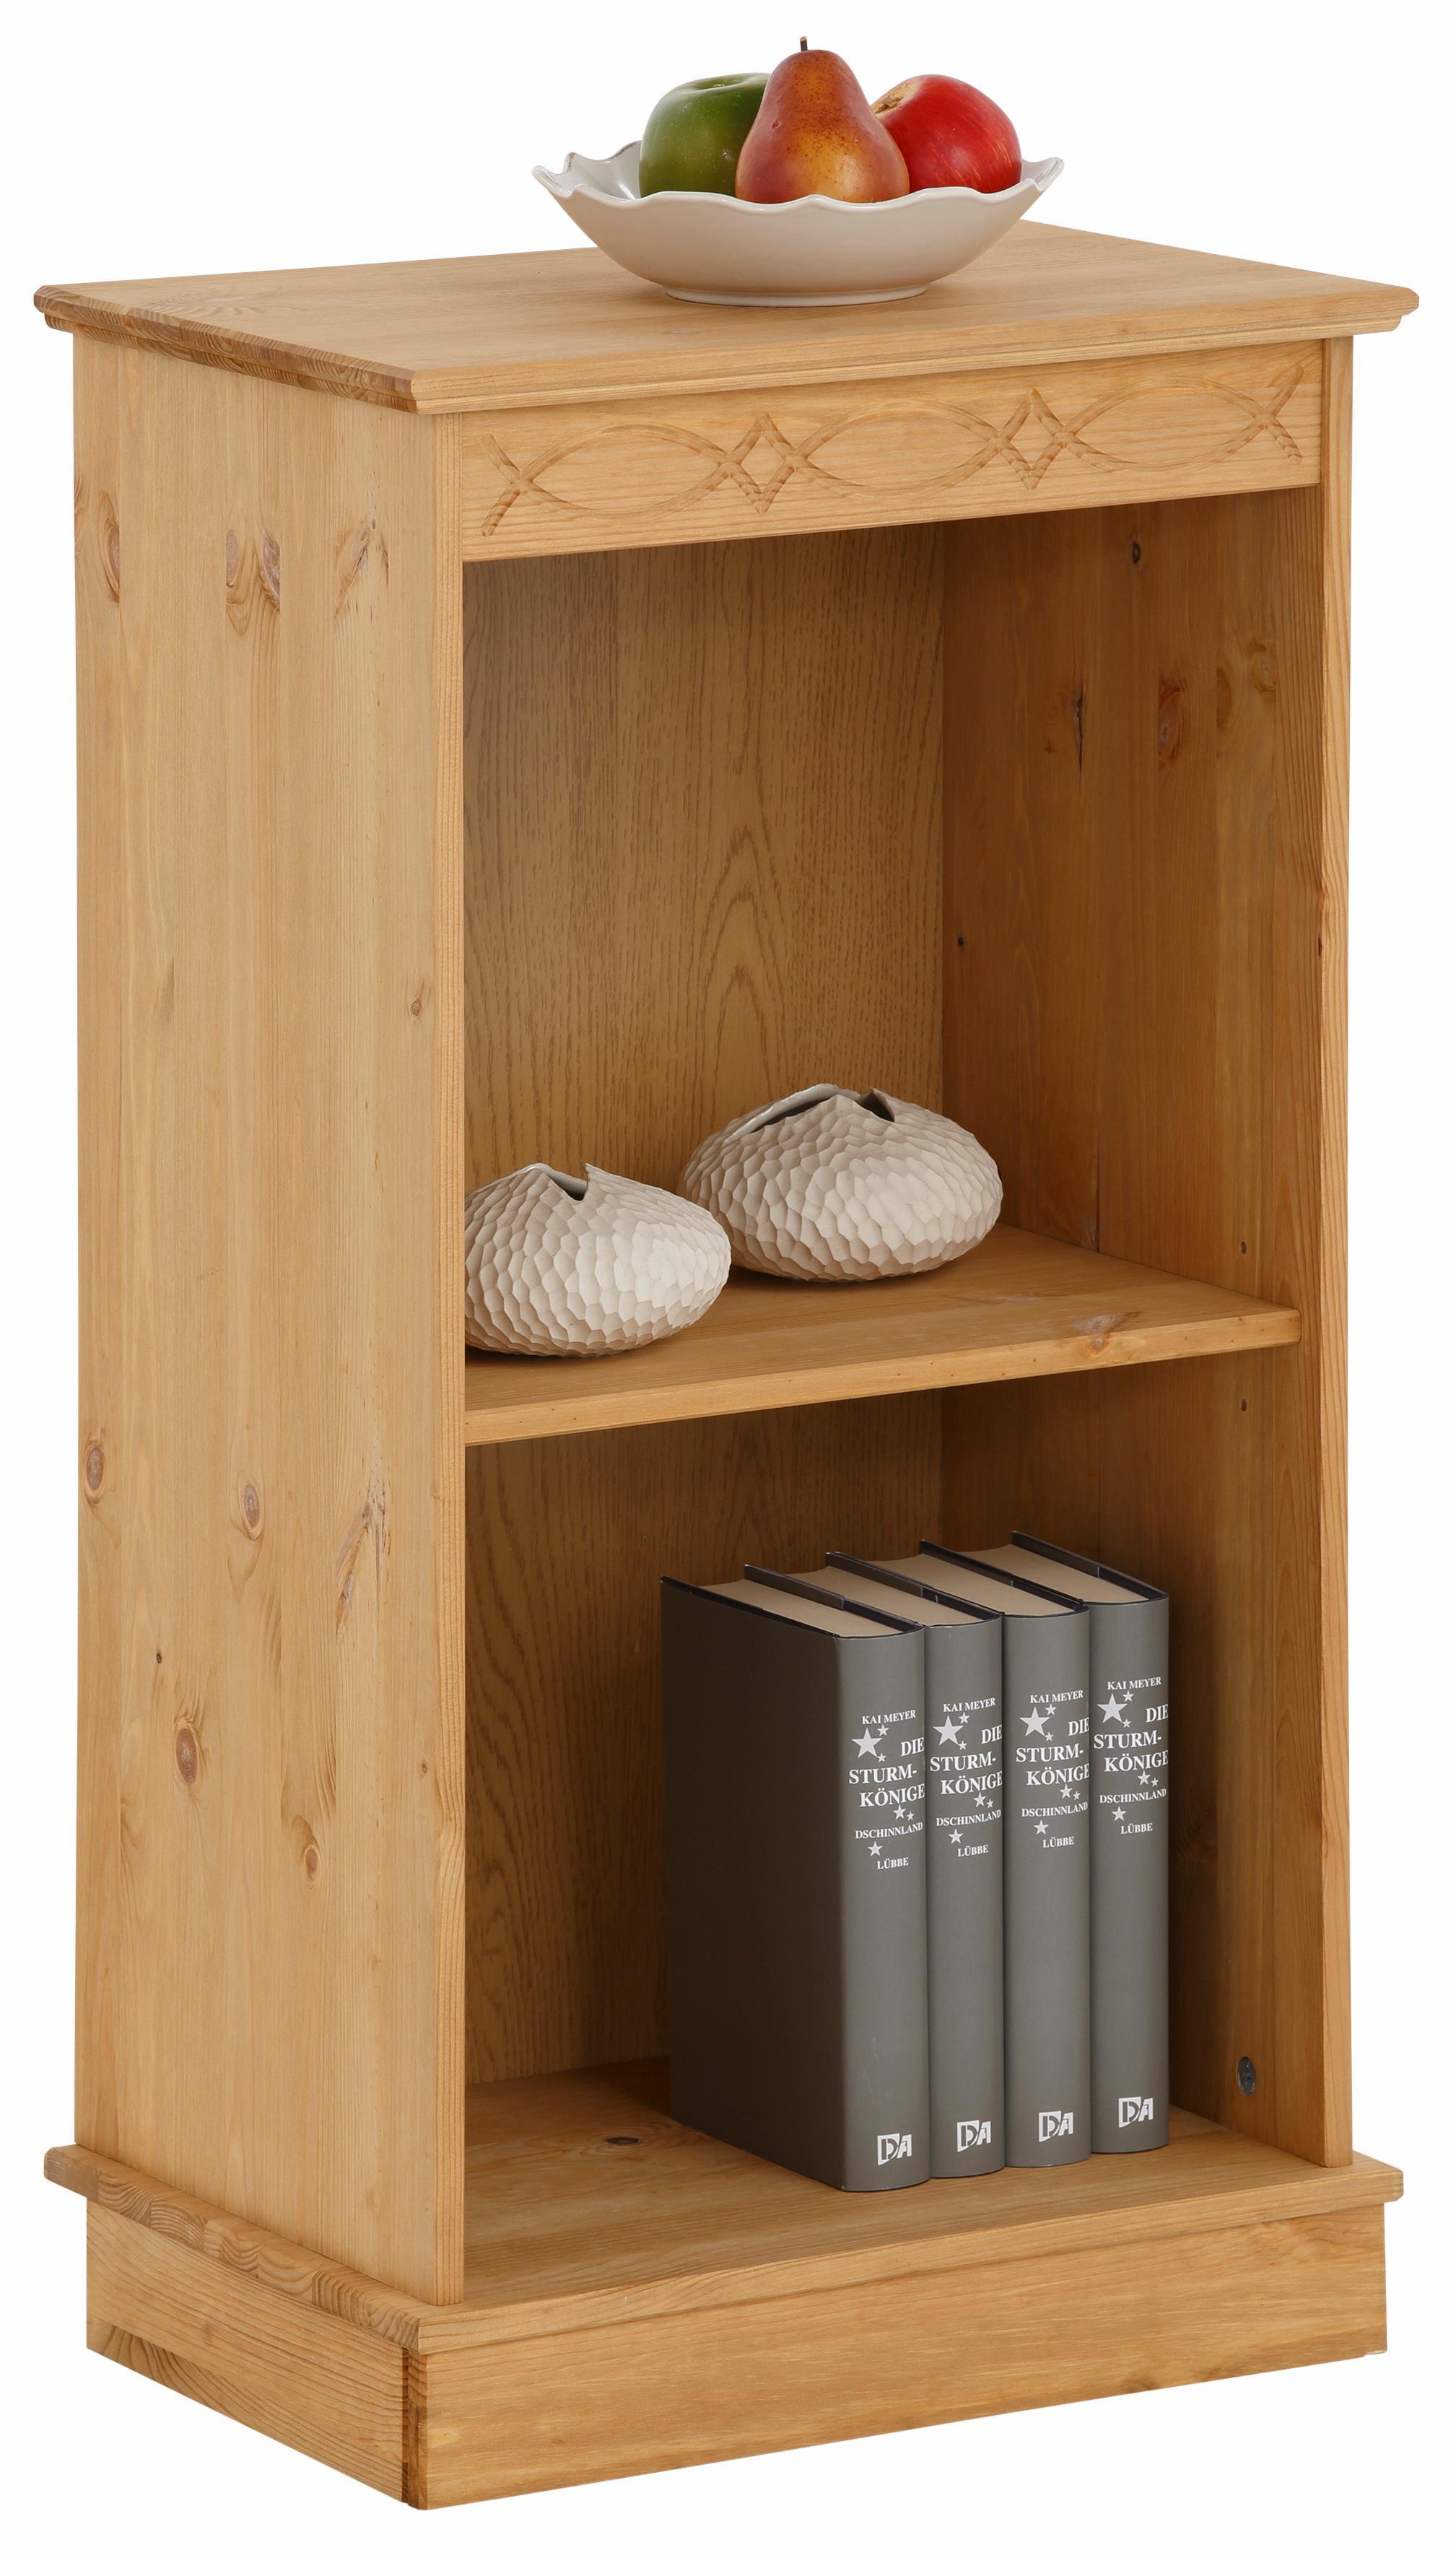 b cherregal modern preisvergleich die besten angebote online kaufen. Black Bedroom Furniture Sets. Home Design Ideas